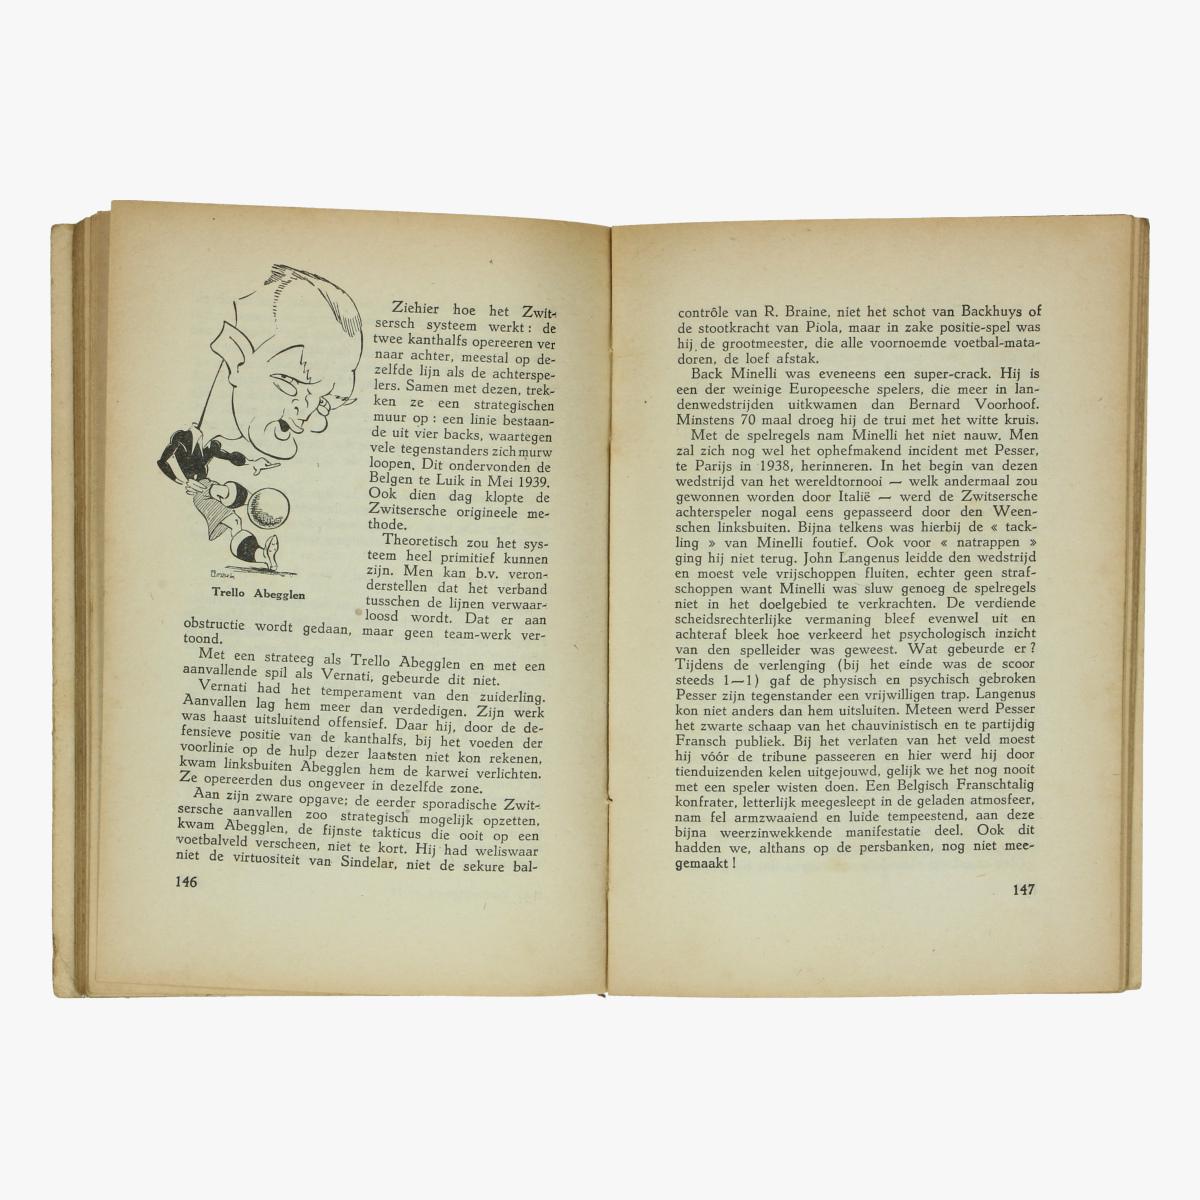 Afbeeldingen van voetbal boek 1942 onze voetbal figuren geschiedenis, techniek en taktiek van een spel pol jacquemyns